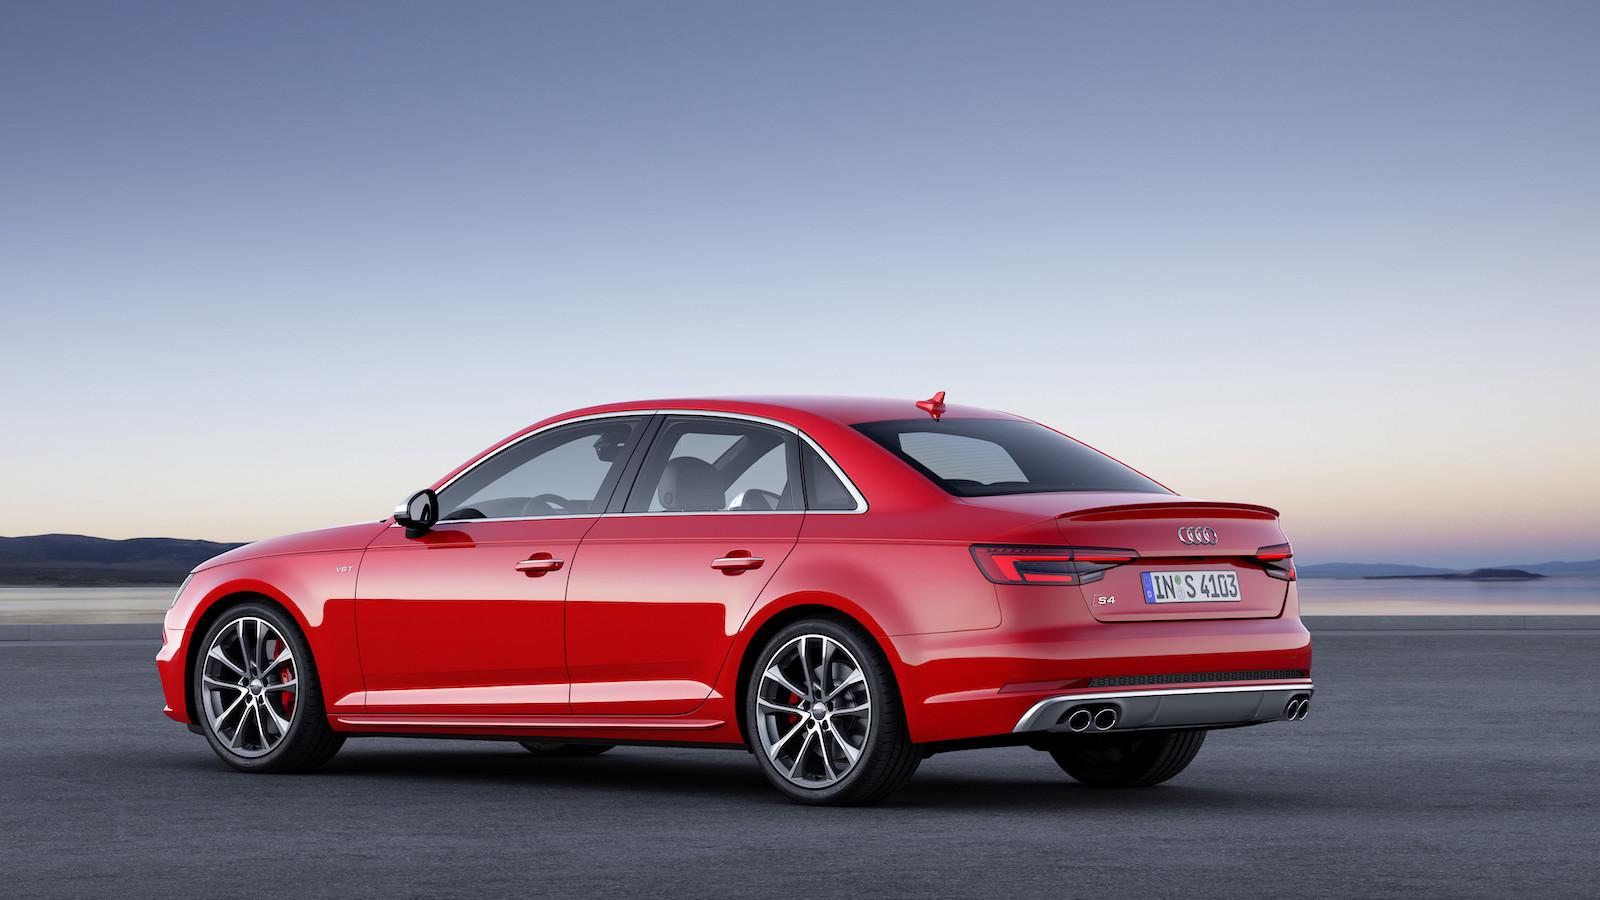 Audi-S4-B9-Fiche-occasion-5.jpg